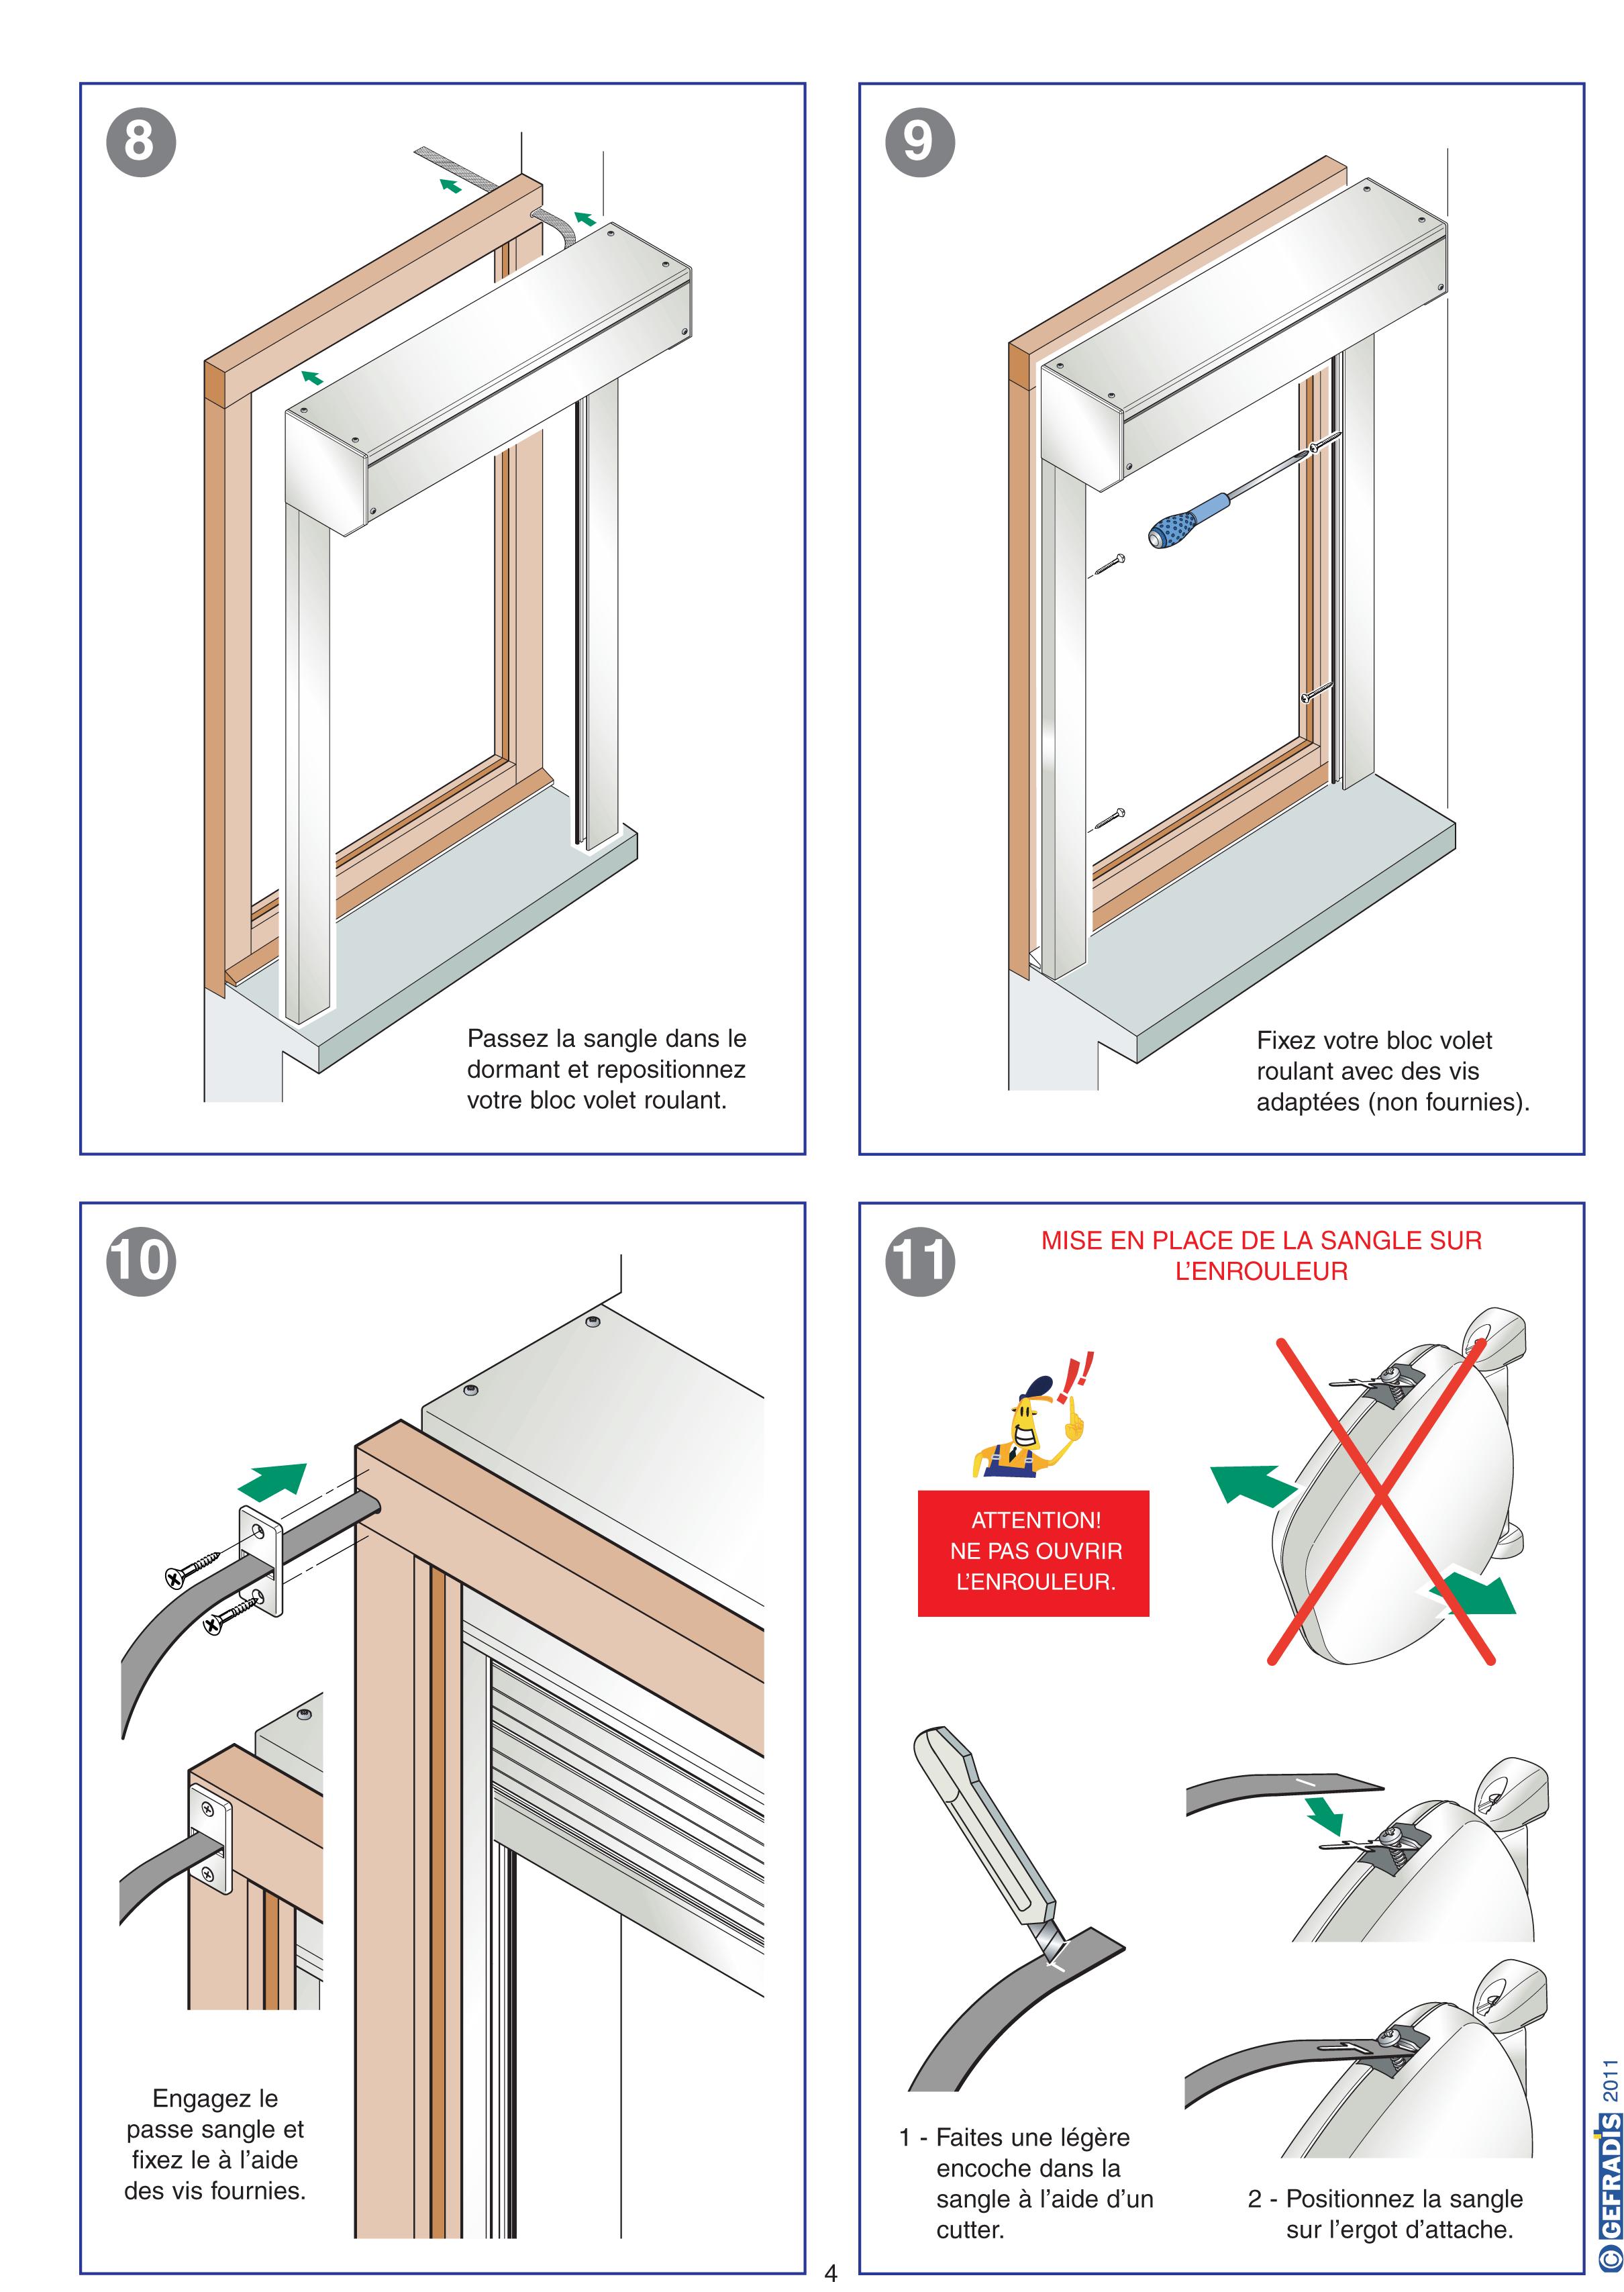 Aide à la pose de volet roulant rénovation page 4